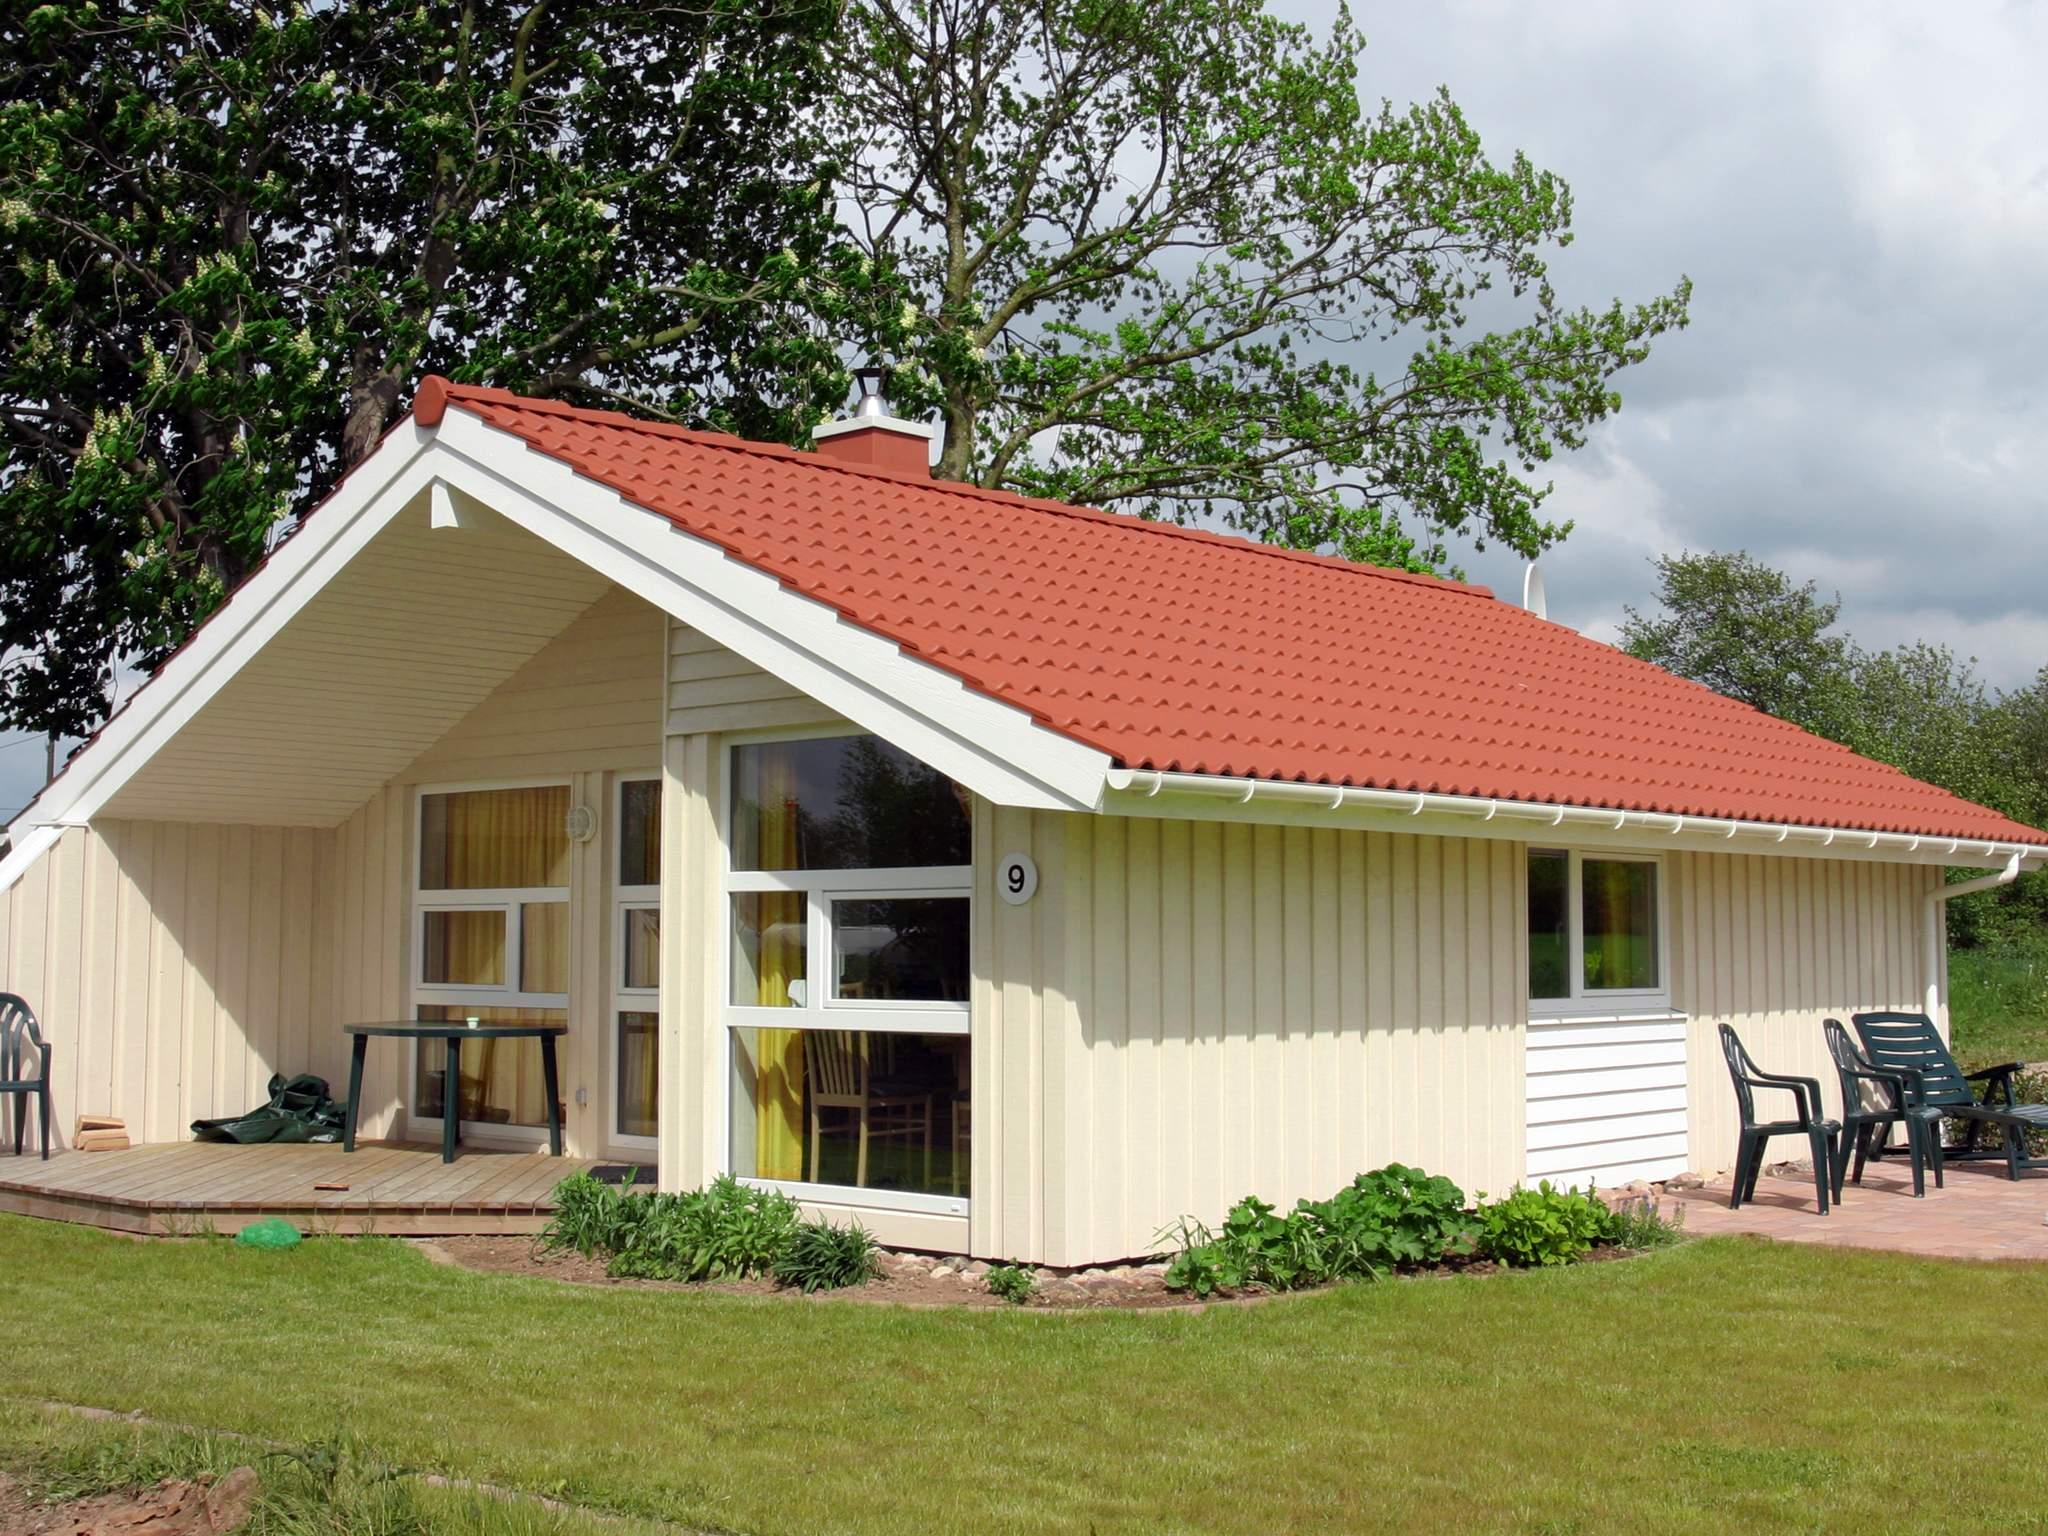 Ferienhaus Gelting (125199), Gelting, Geltinger Bucht, Schleswig-Holstein, Deutschland, Bild 5